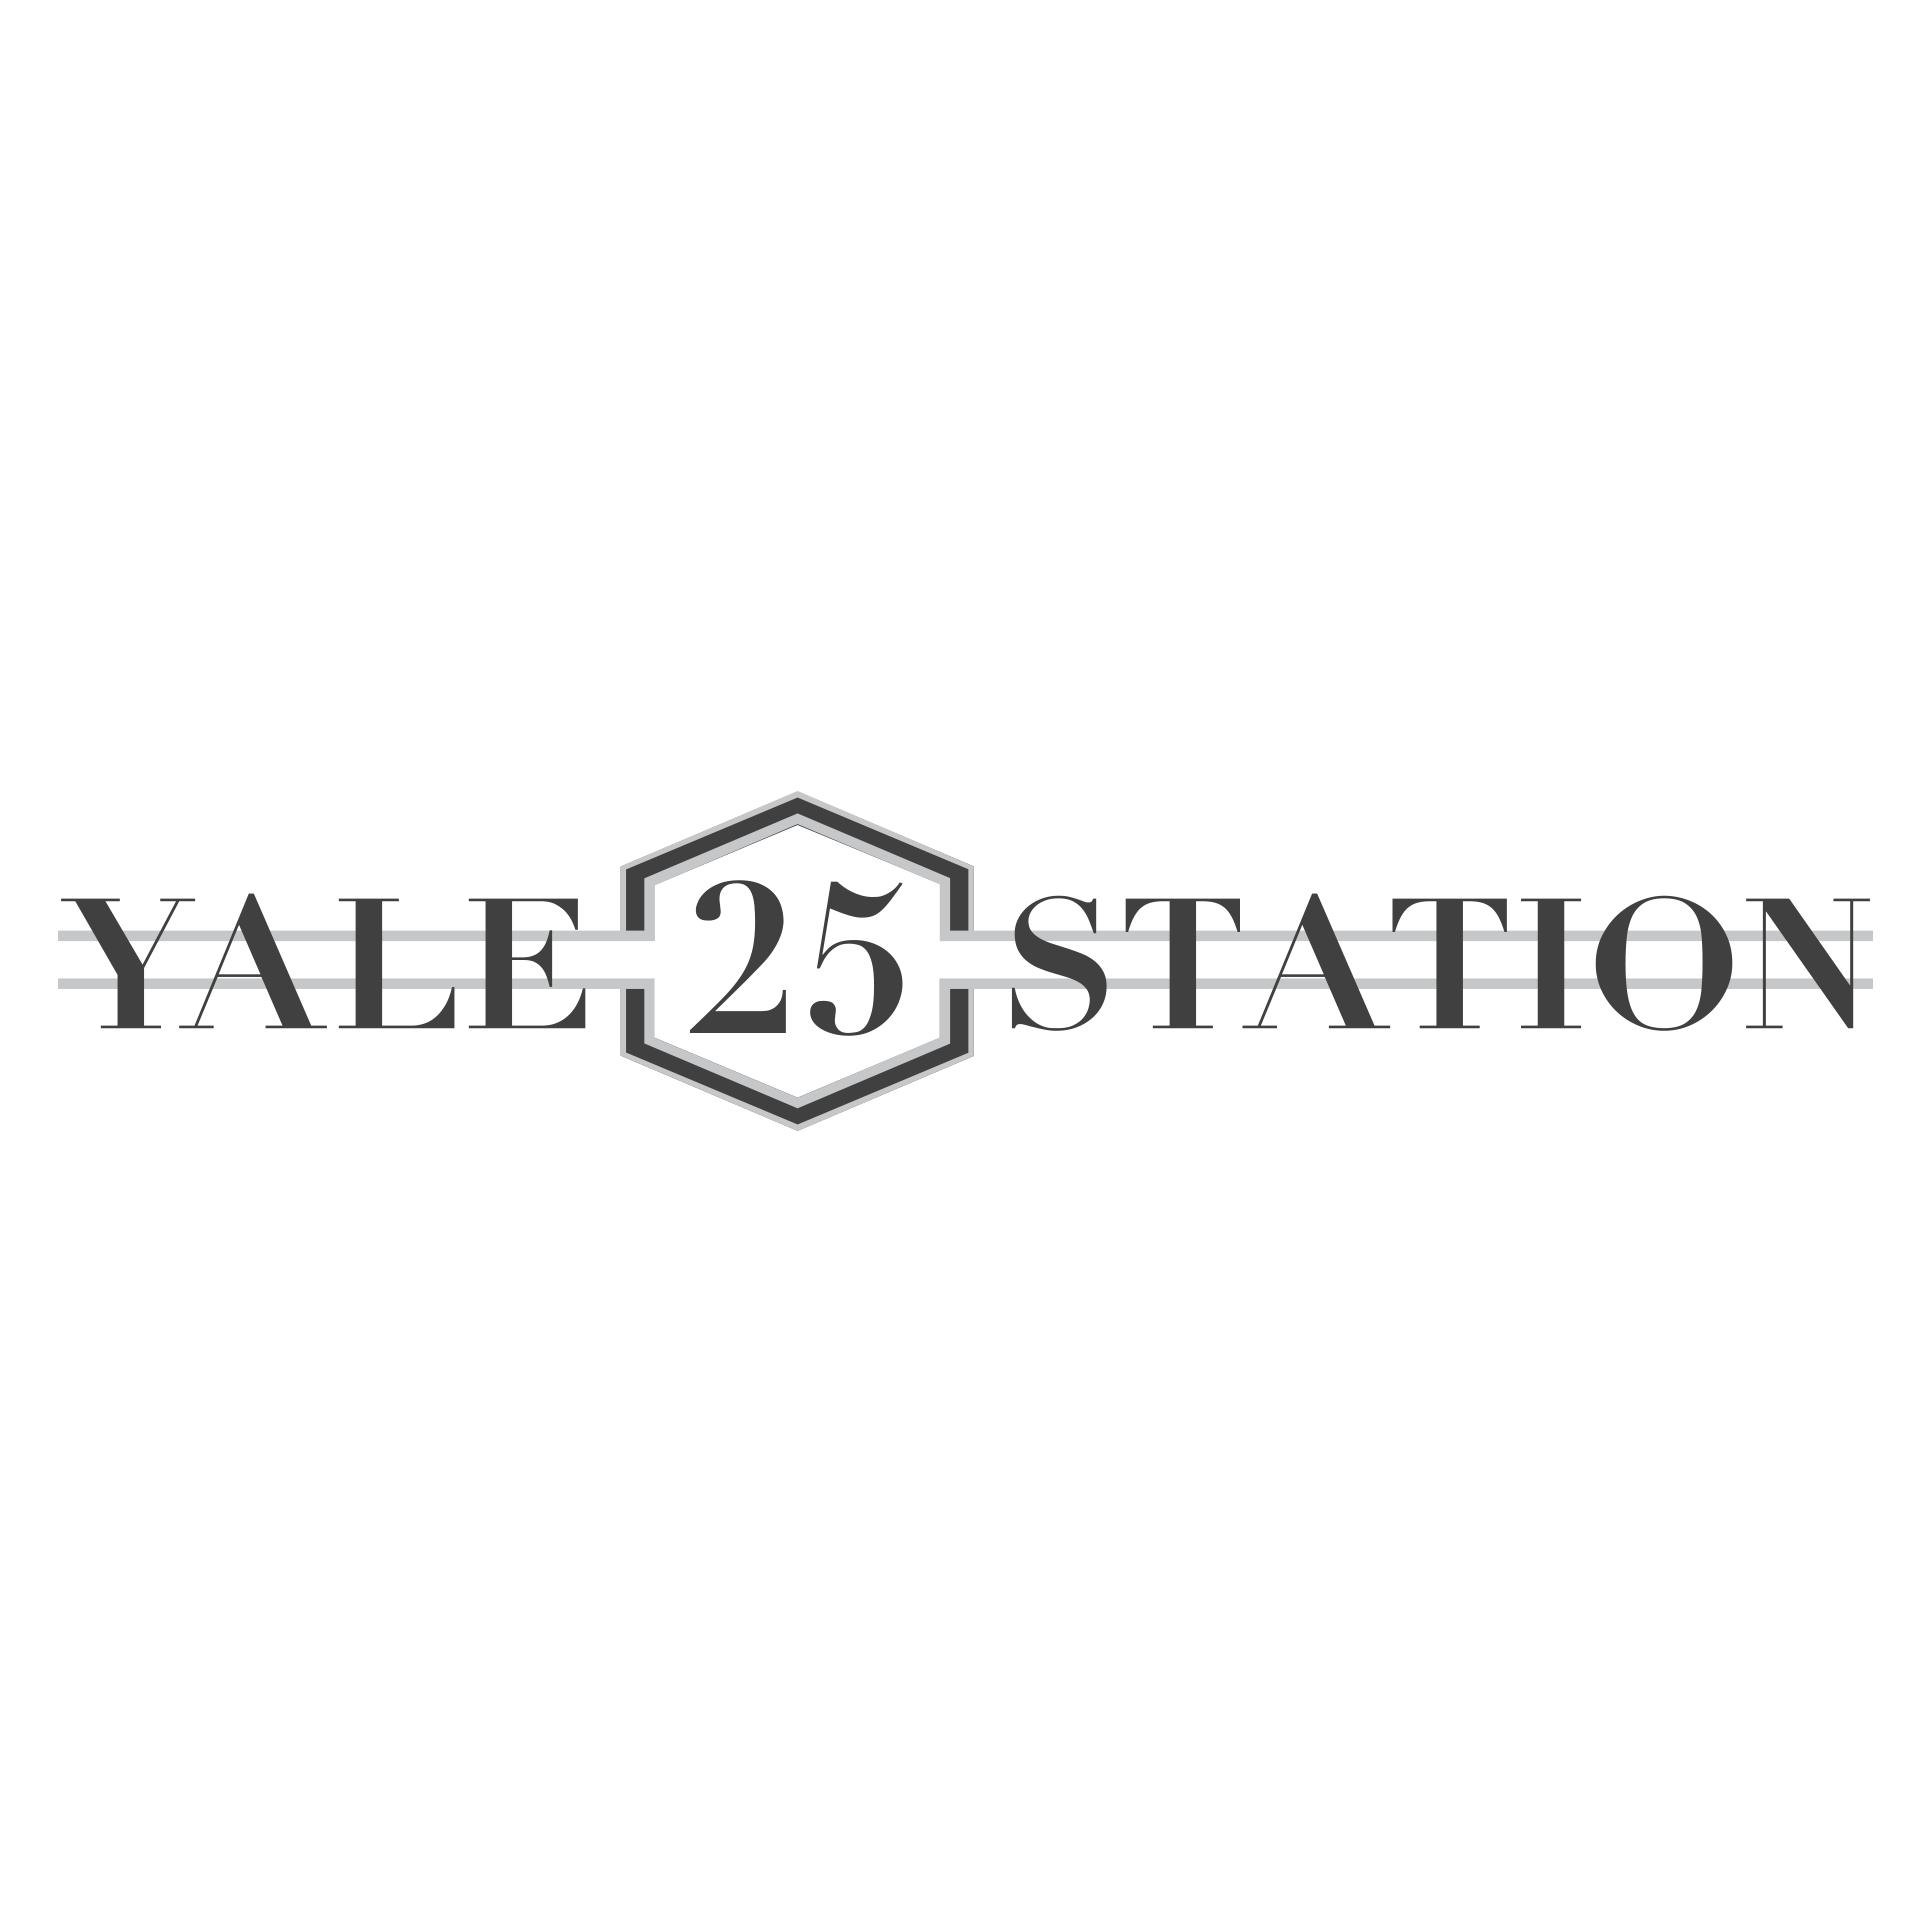 Yale 25 Station